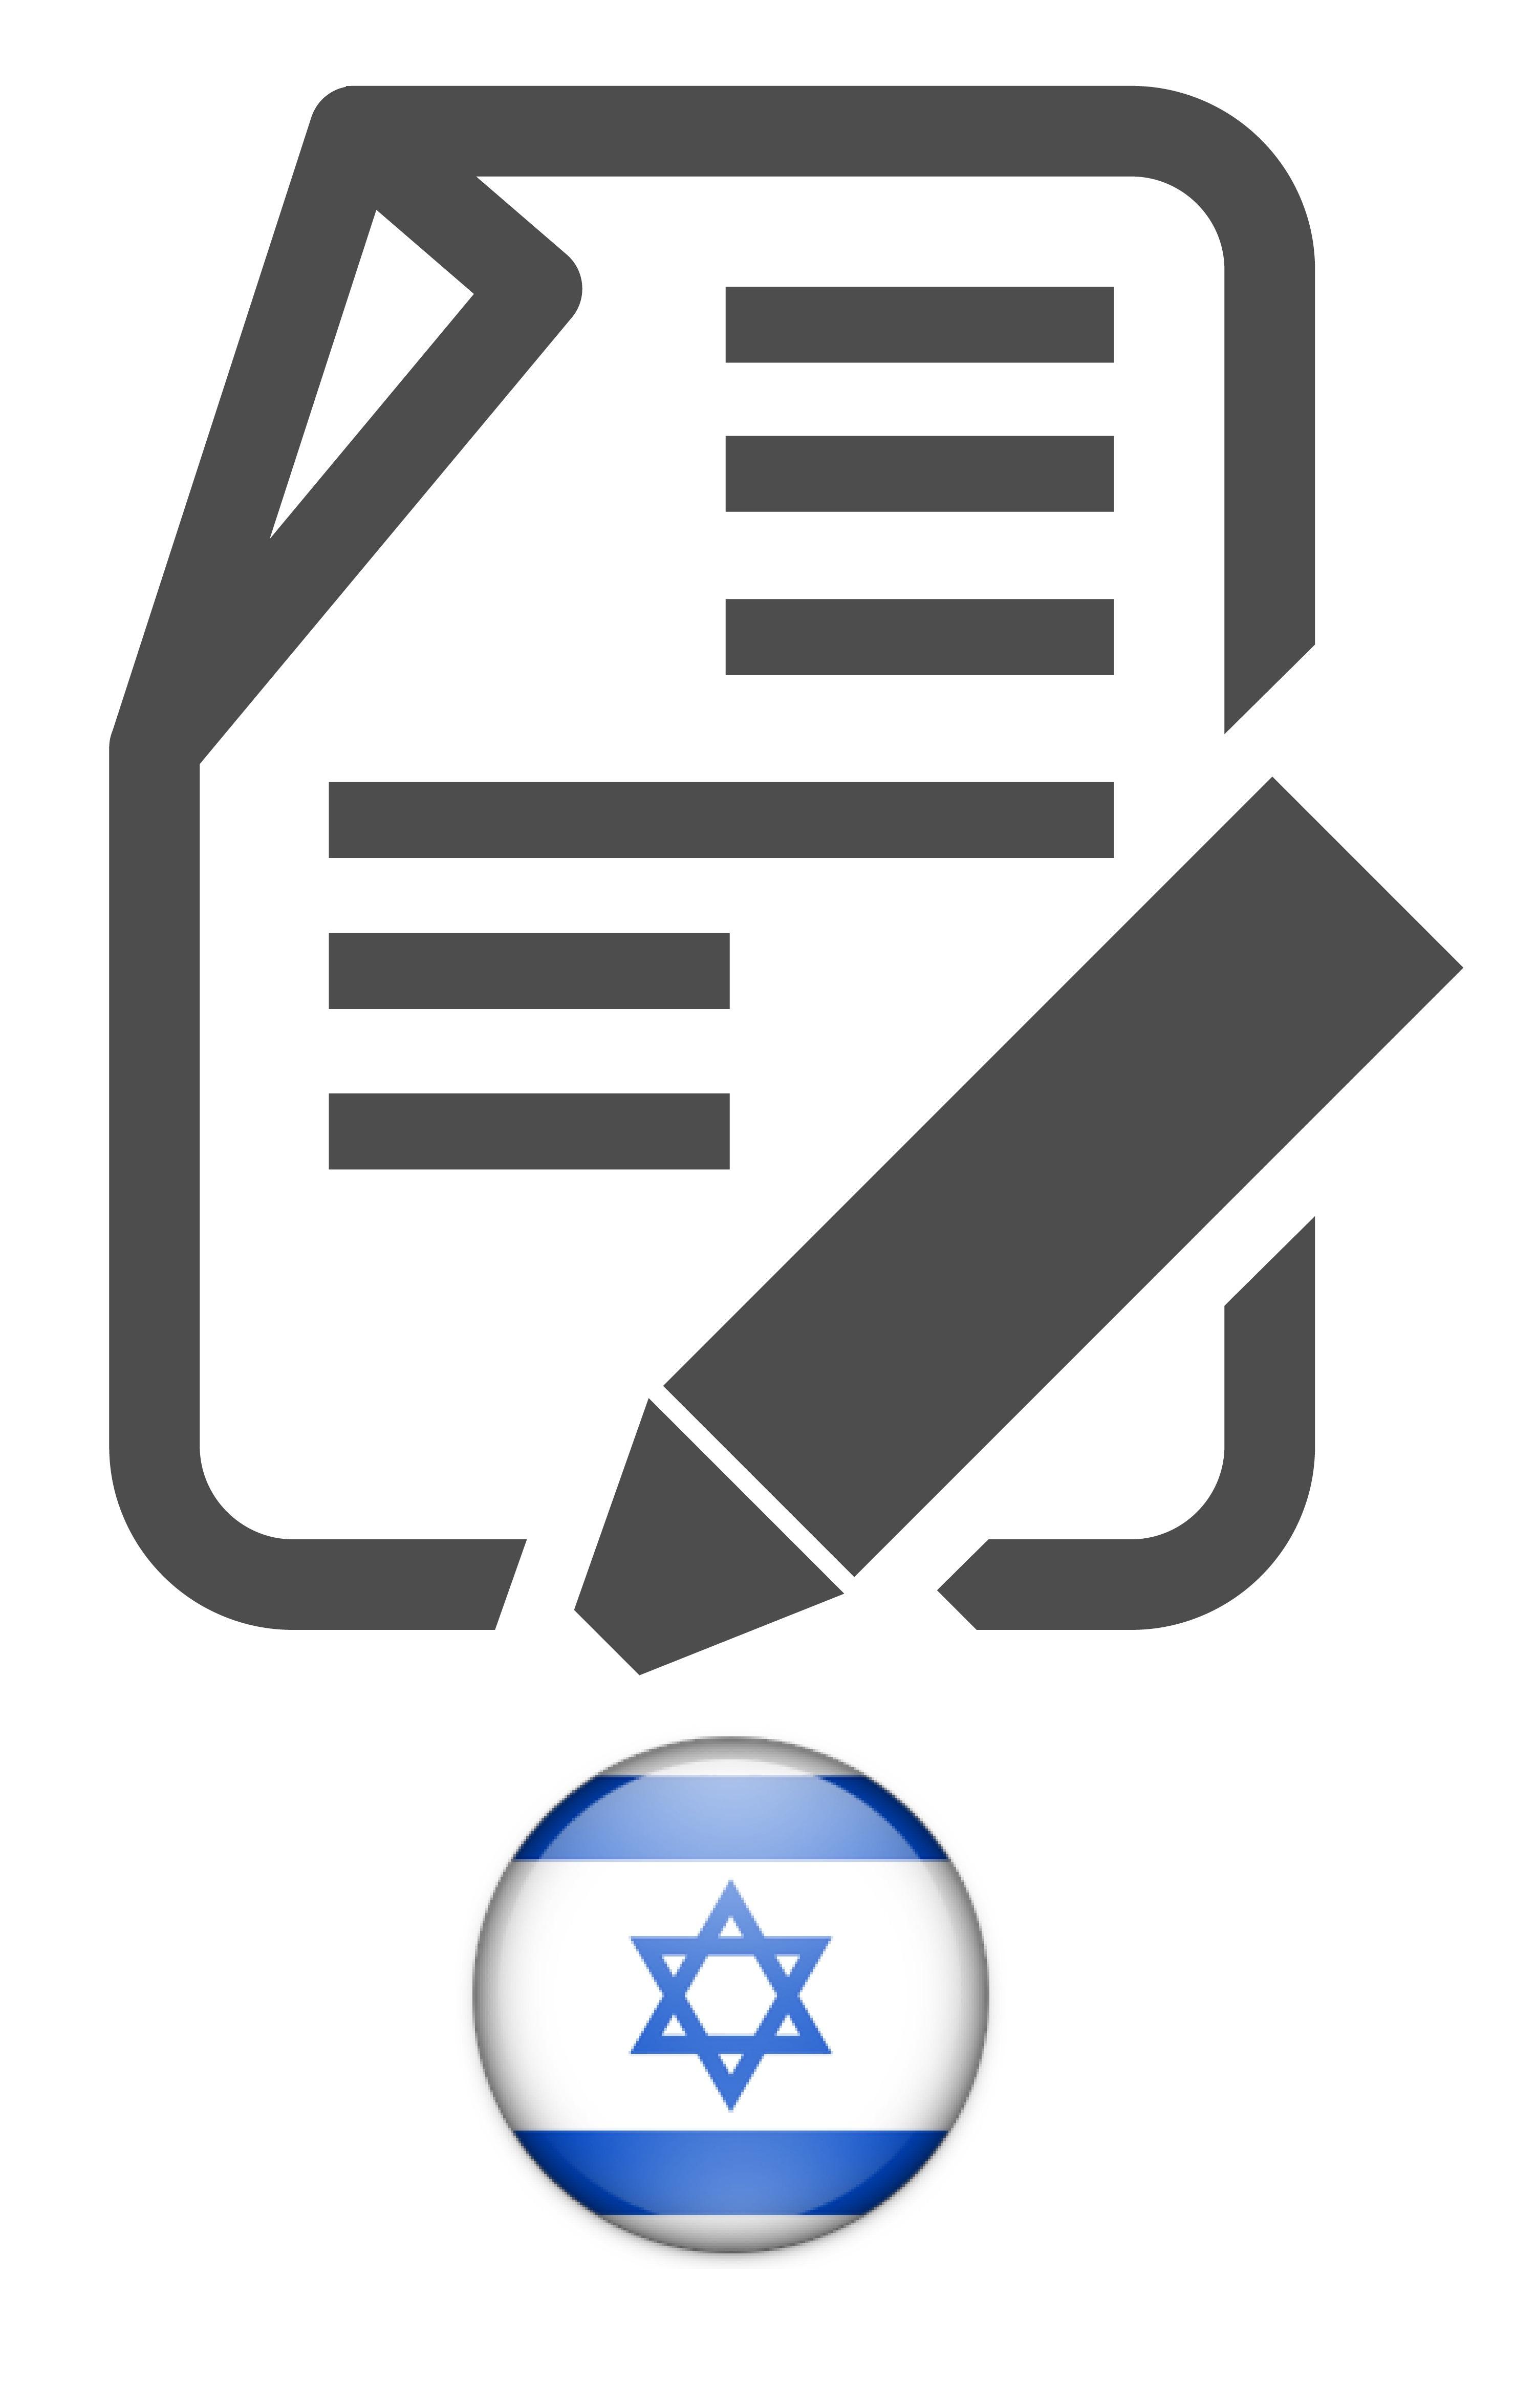 שגרירות פורטוגל תרגום עברית